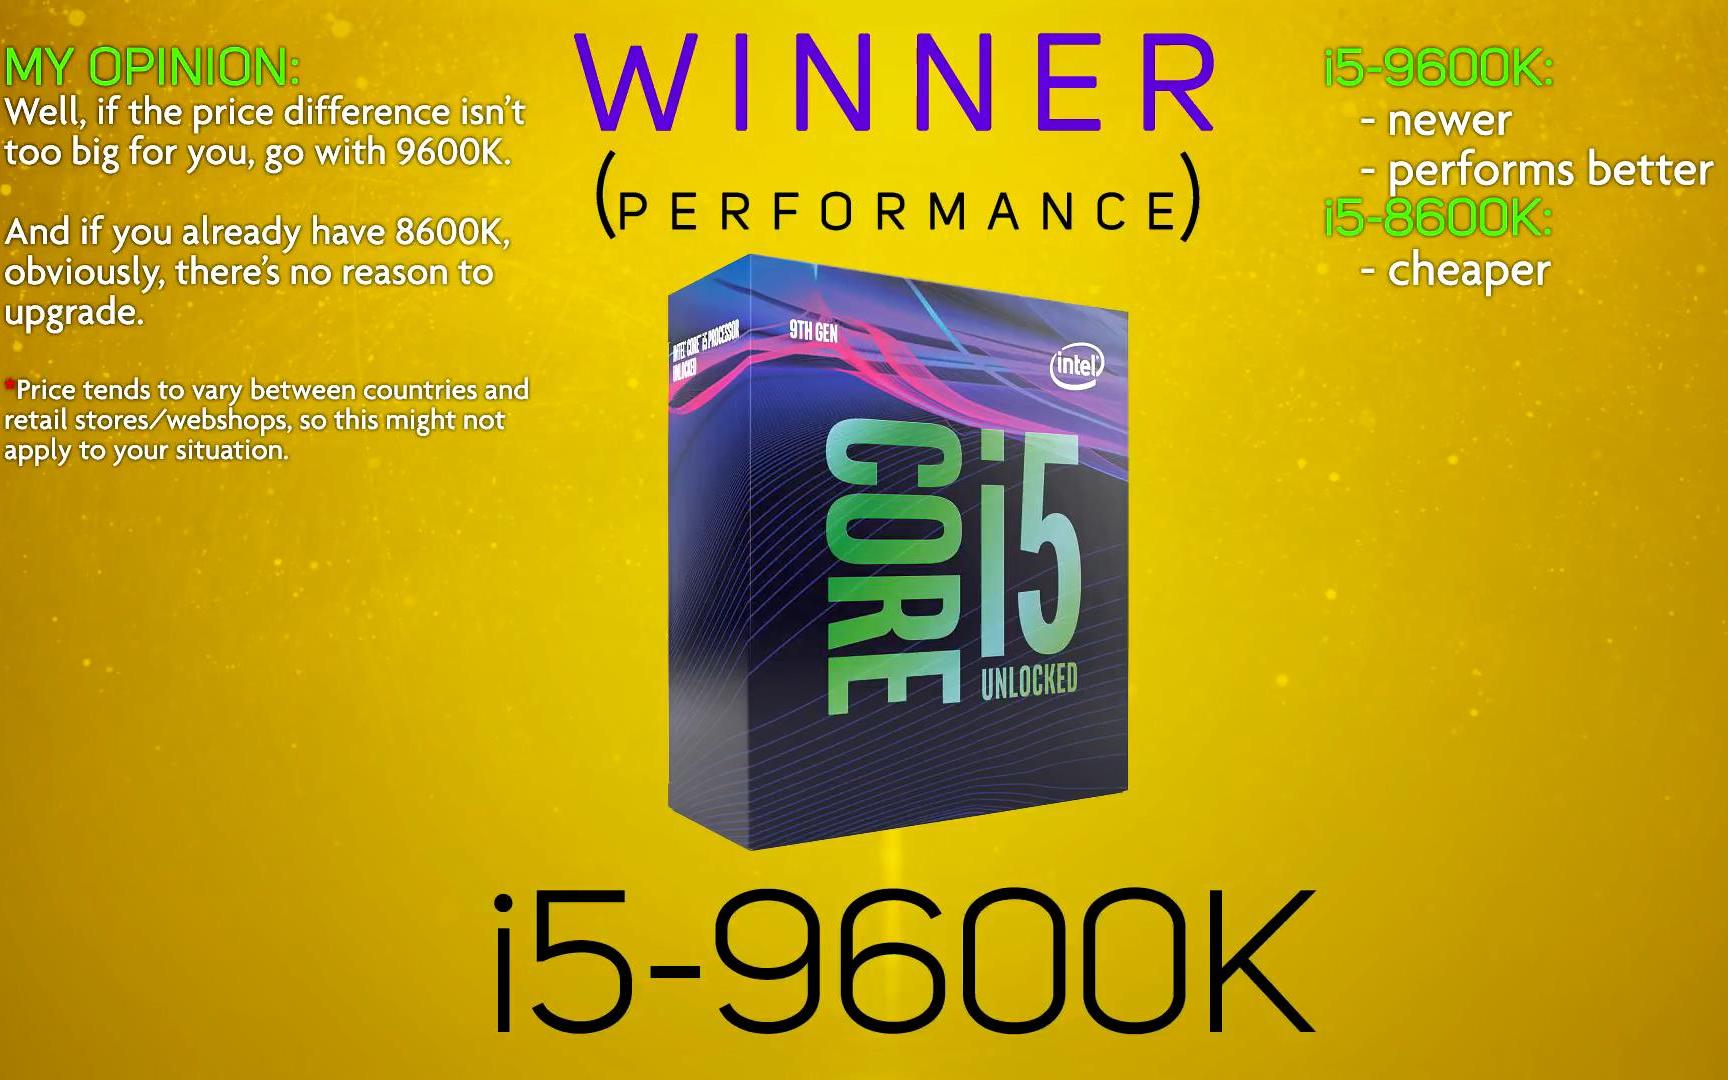 处理器比较 - Intel i5-9600K Vs Intel i5-8600K(来源YouTube)(侵权删)_哔哩哔哩 (゜-゜)つロ  干杯~-bilibili